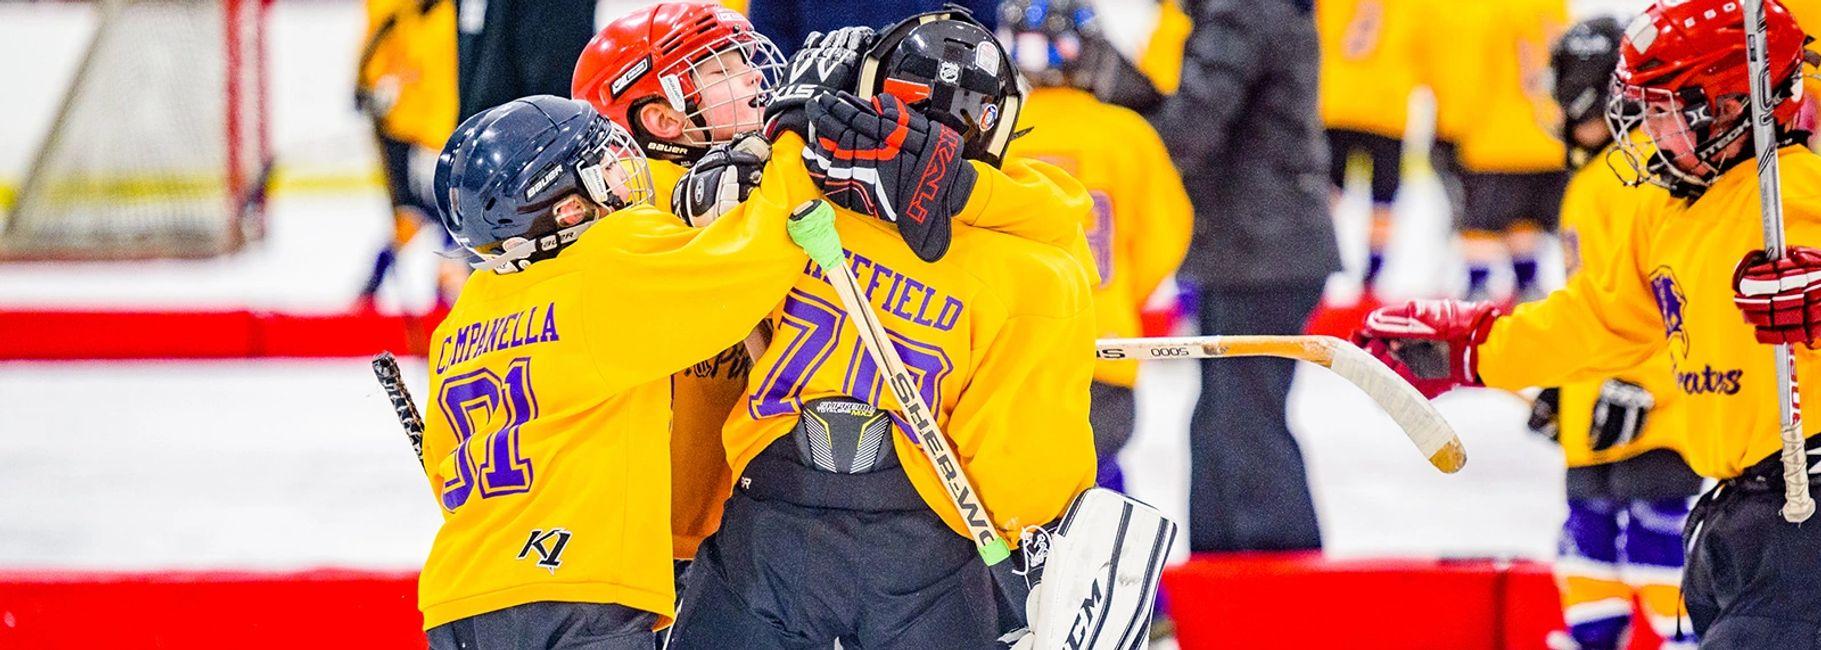 youth hockey league the carolina icezone